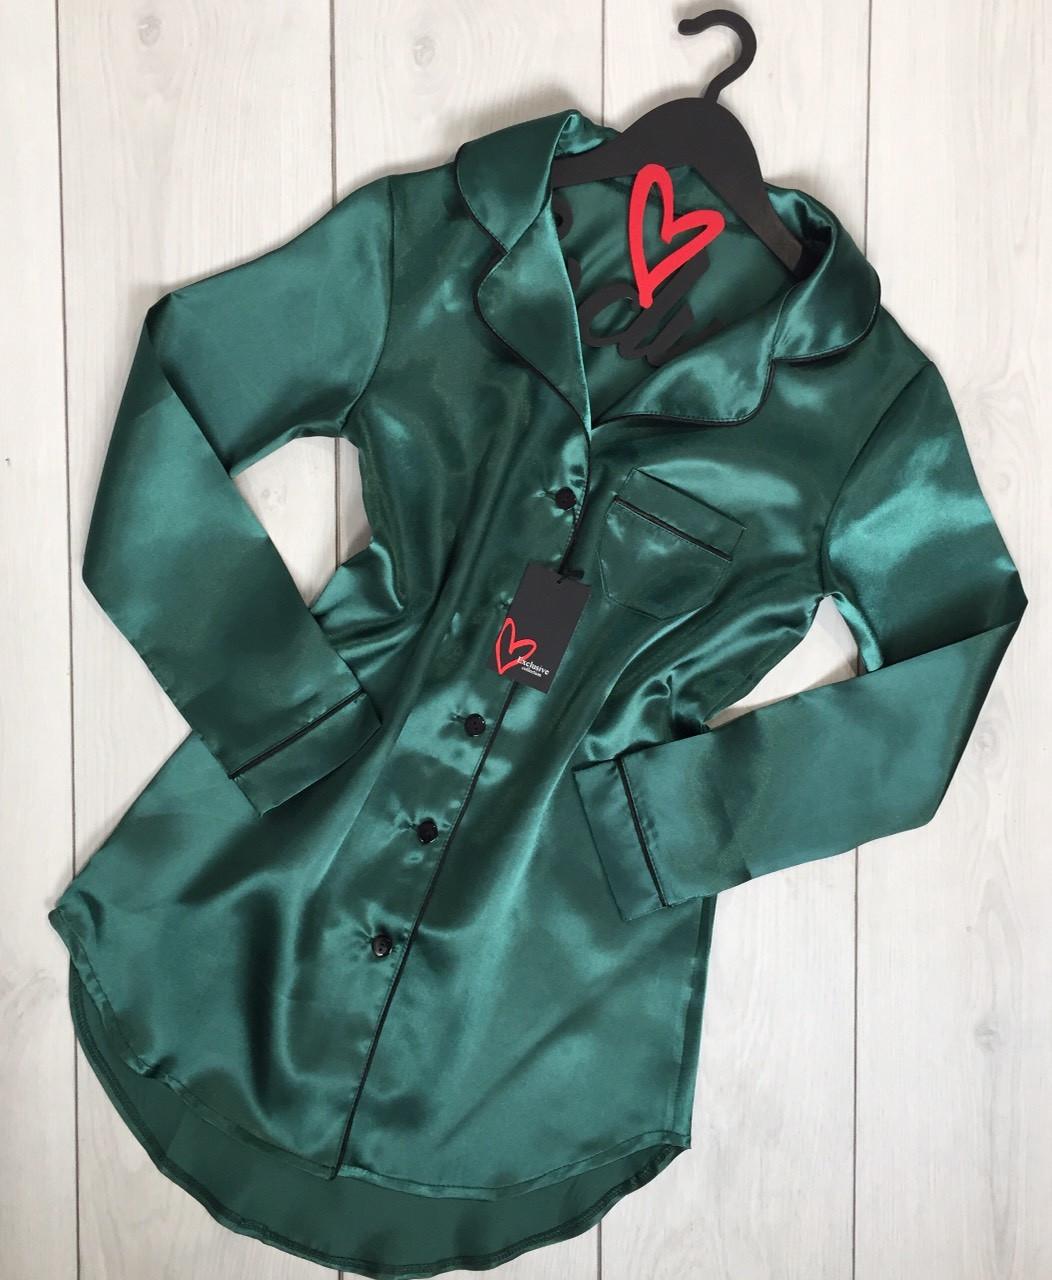 Изумрудное платье-рубашка, домашняя женская одеждаТМExclusive